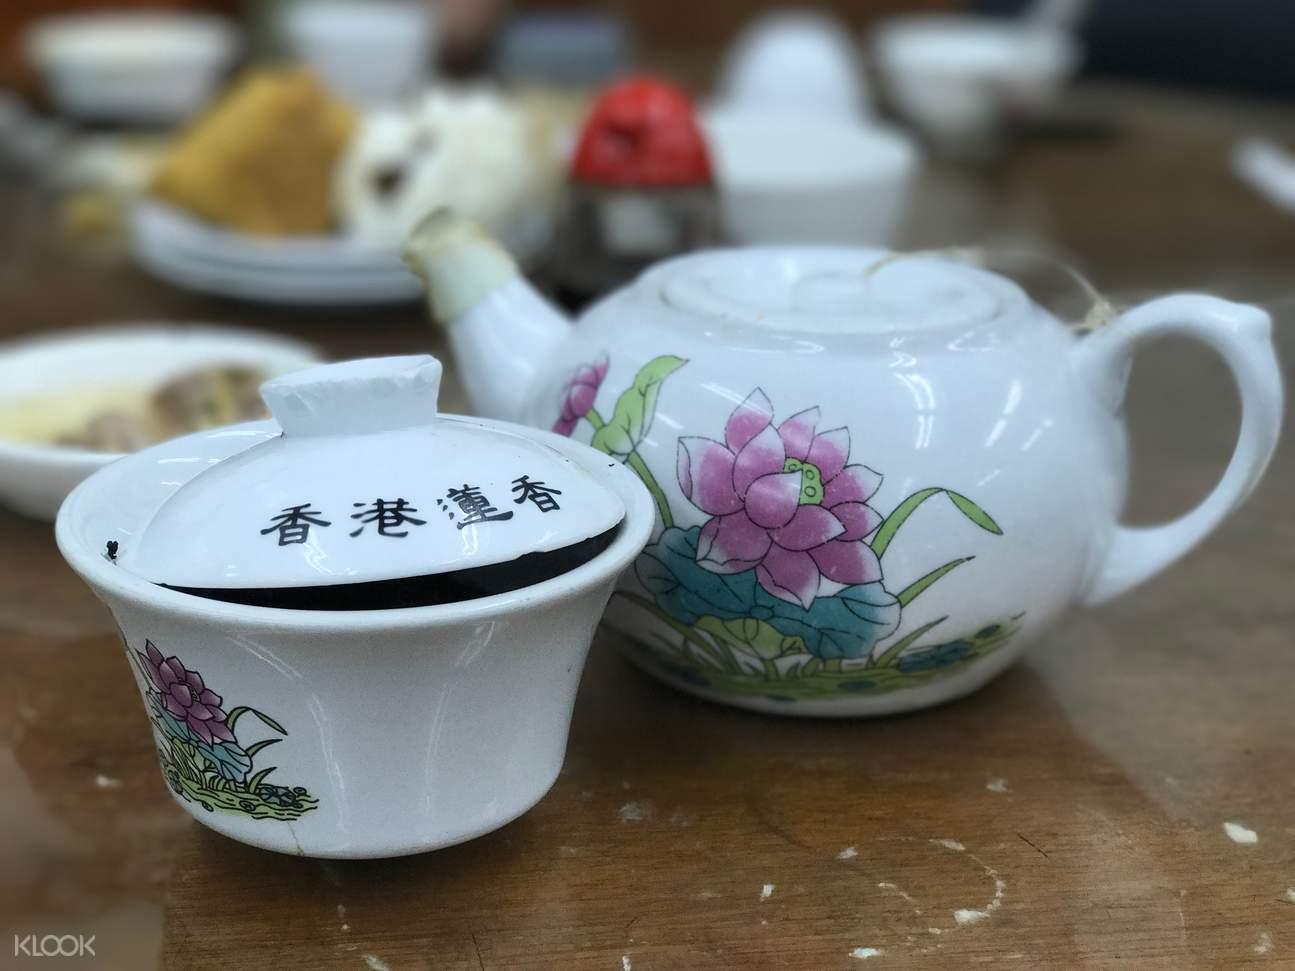 香港早茶,香港传统早茶,香港美食,莲香楼早茶